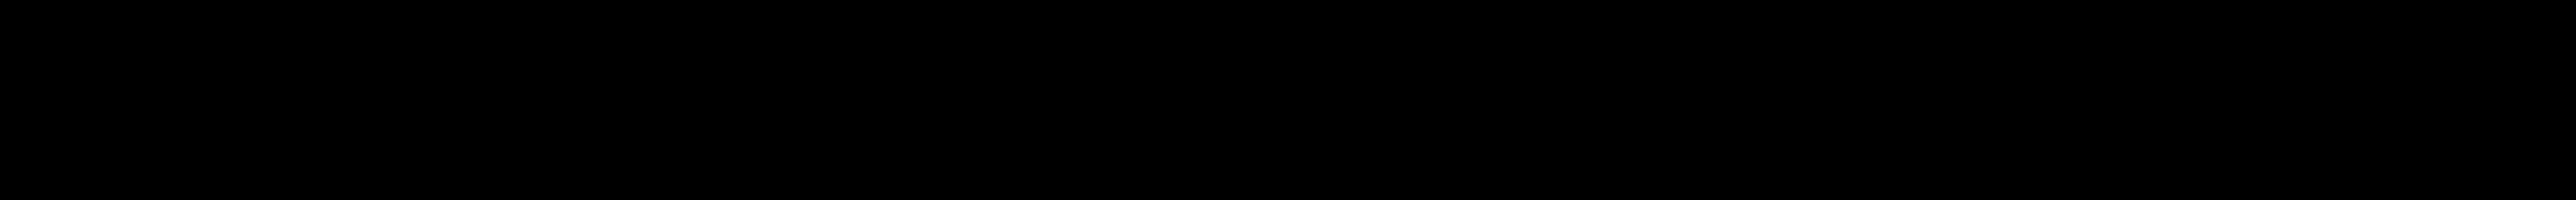 Register B Extra Light Italic